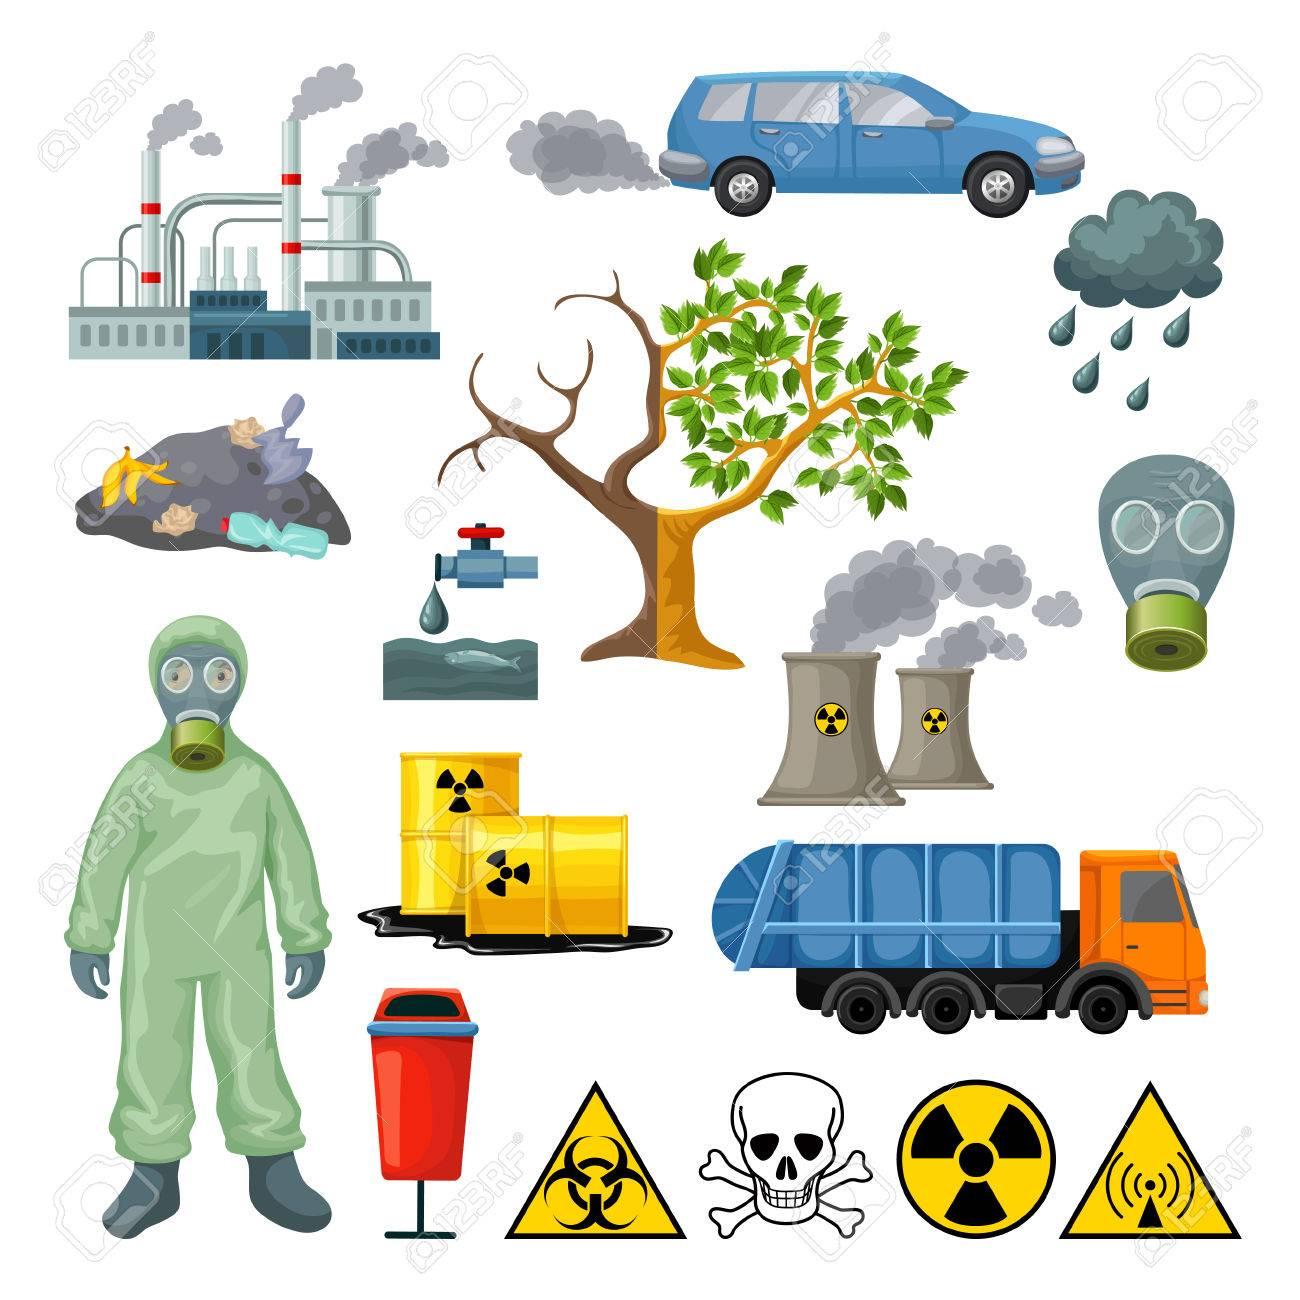 Dibujos Animados Iconos De Contaminación Ambiental Conjunto Con